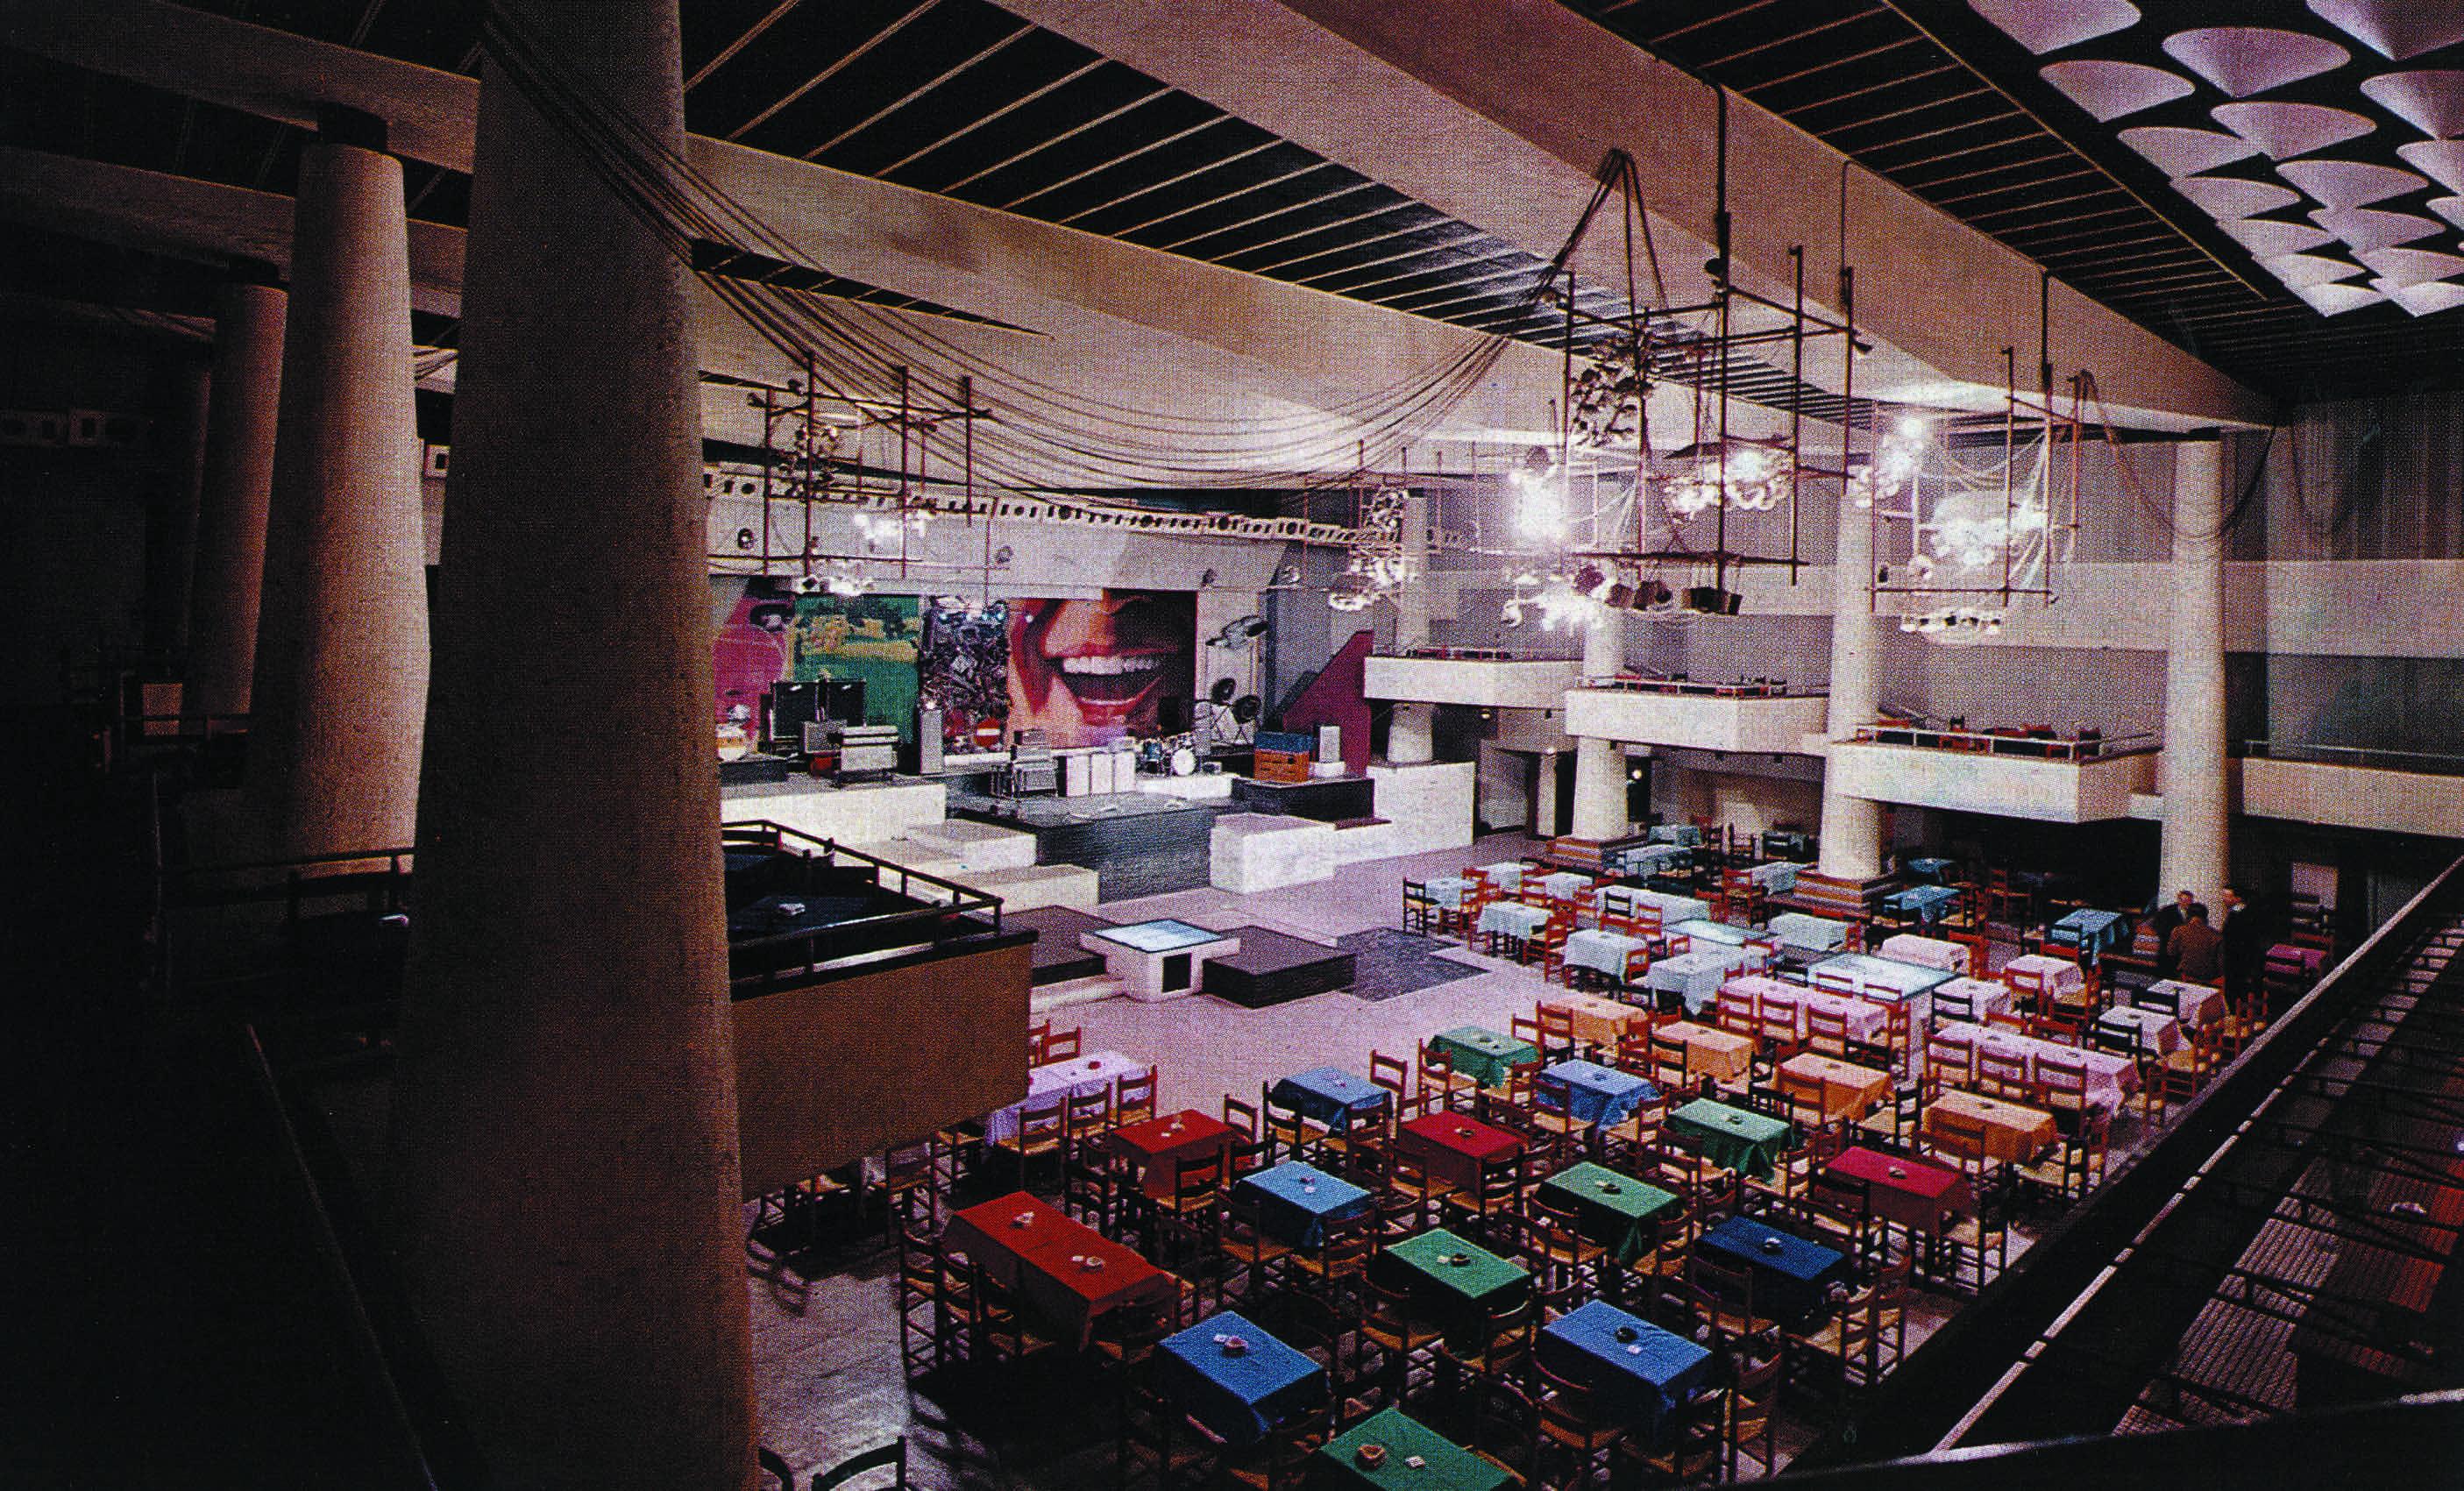 3C+t Capolei Cavalli (Giancarlo Capolei, Pinini Capolei, Manlio Cavalli), side elevation of Piper club, Rome, 1965. © 3c+t Fabrizio Capolei, Pino Abbrescia e Fabio Santinelli (face2face studio), Corrado Rizza